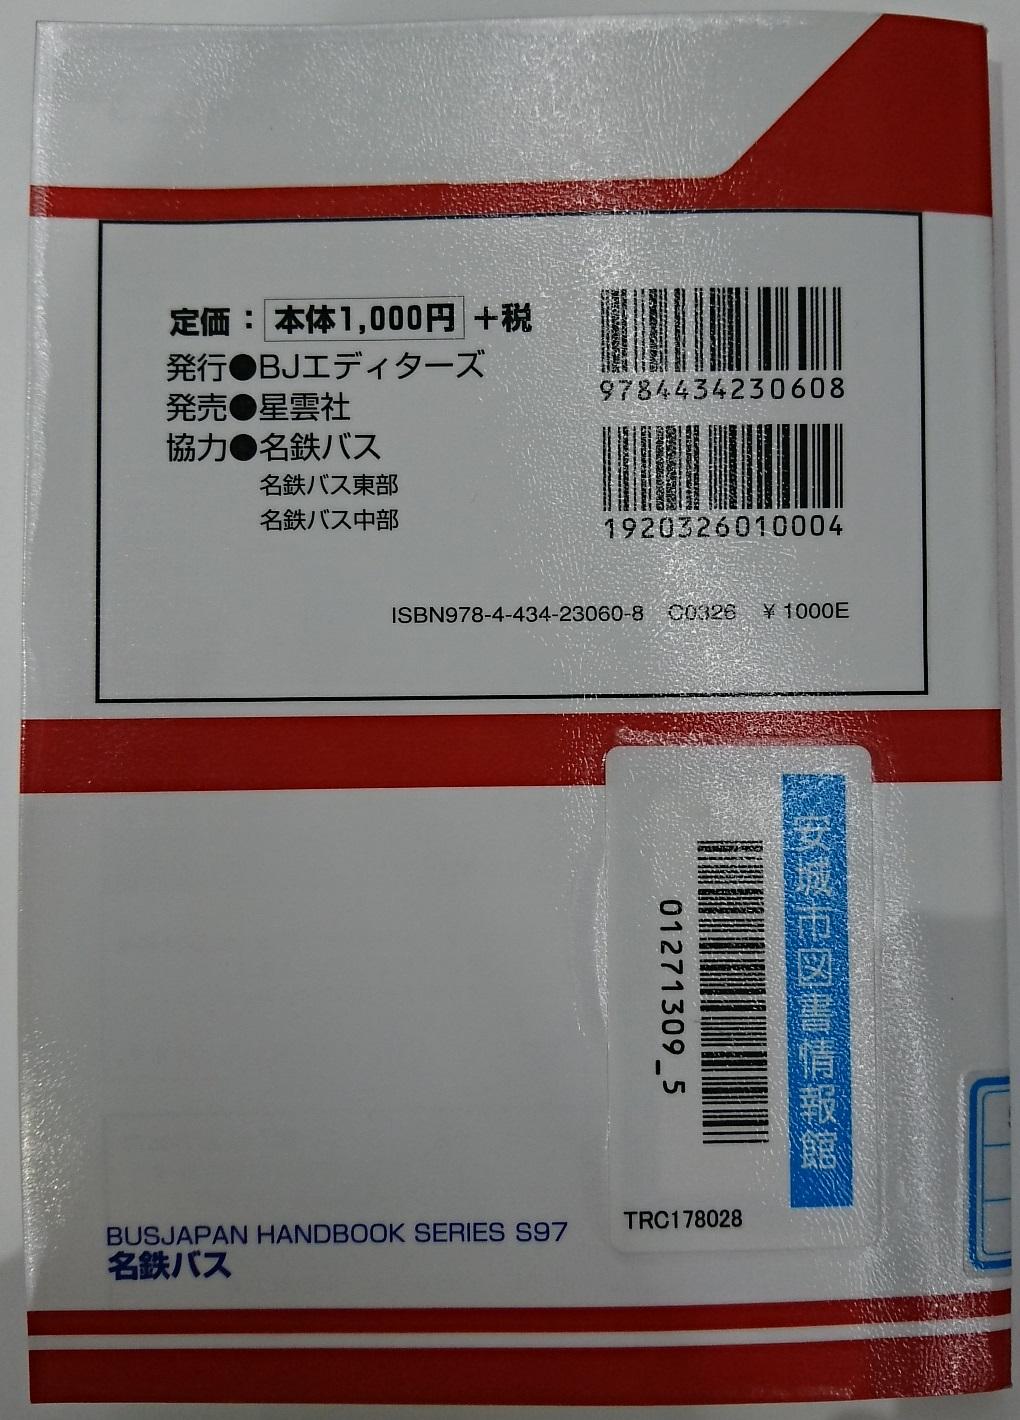 名鉄バス - 谷口礼子さん『尾張、三河の史跡と伝統産業』 (17) 1020-1420